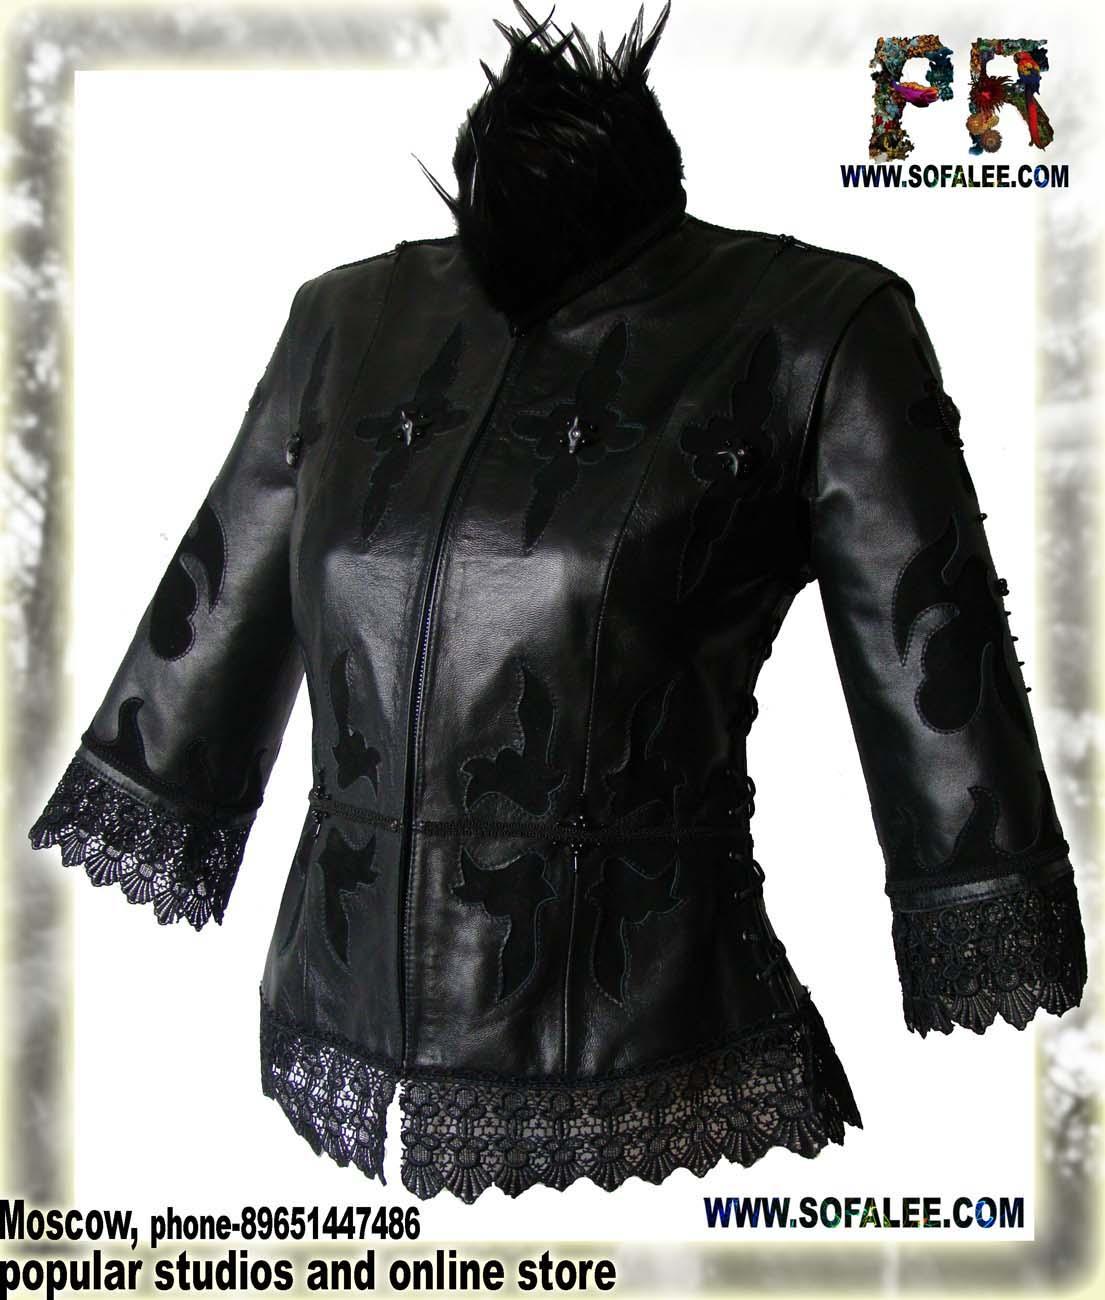 Кожаная куртка отделка кружевом своими руками 45